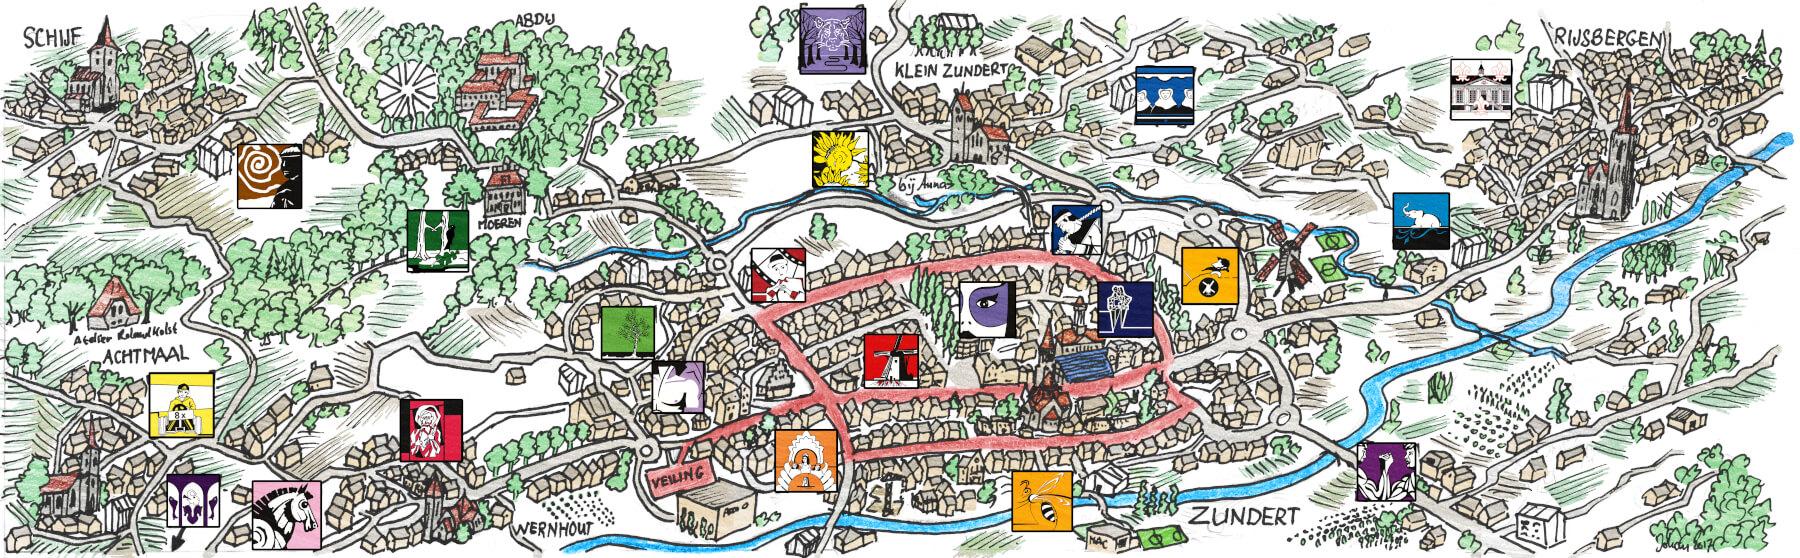 Buurtschappen_kaart